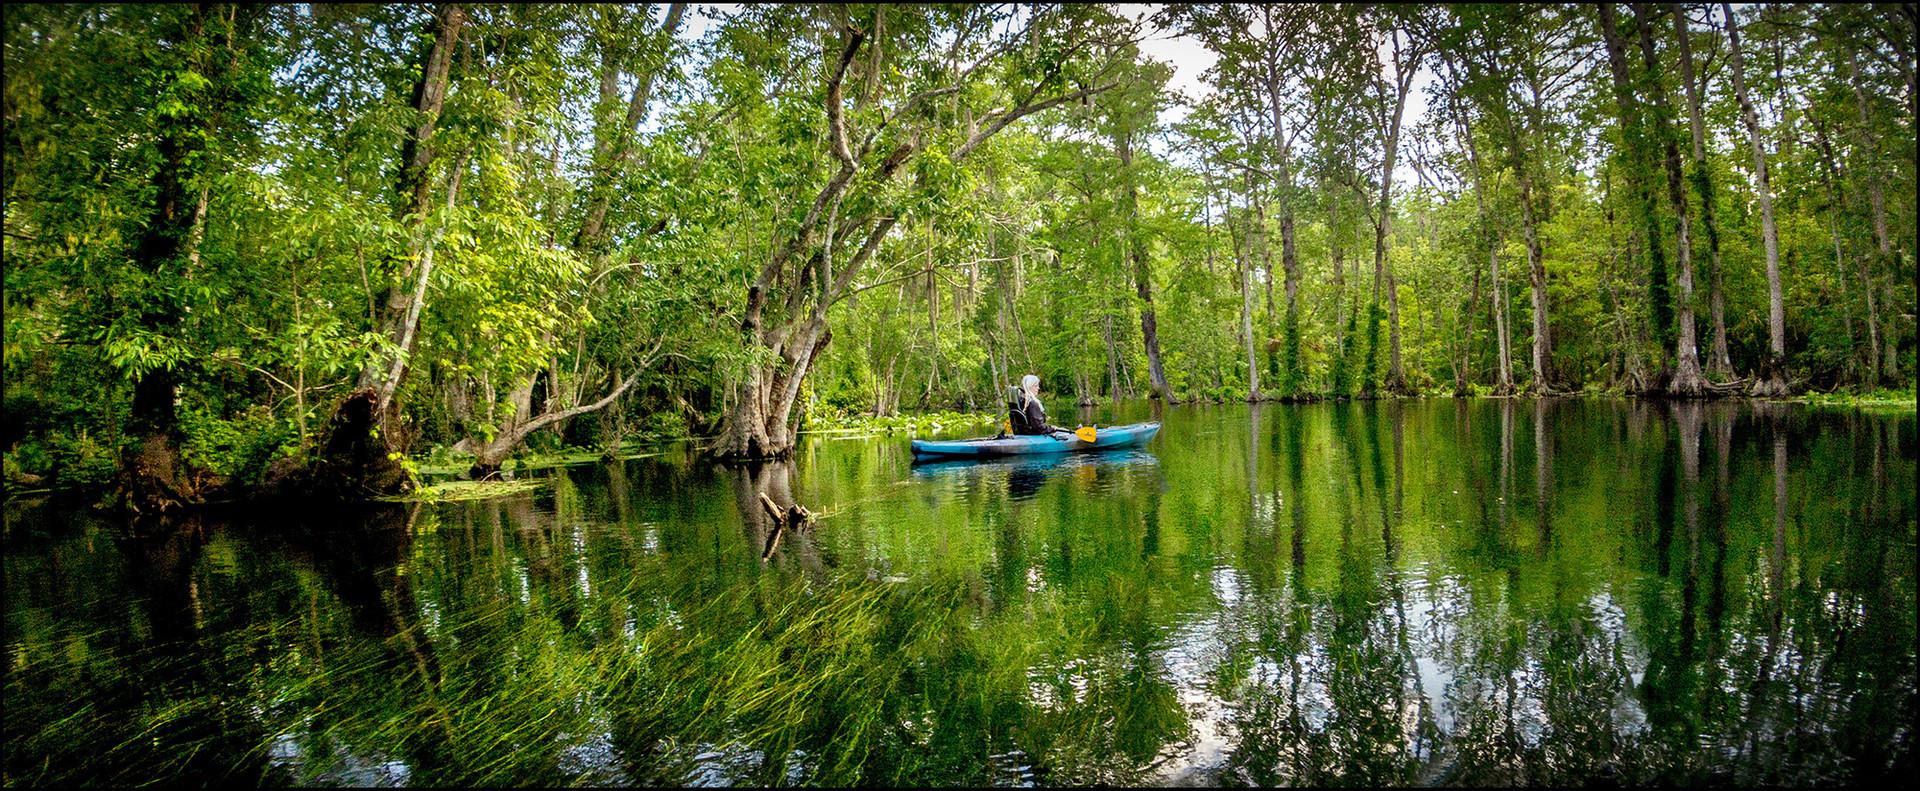 Peaceful Kayaking